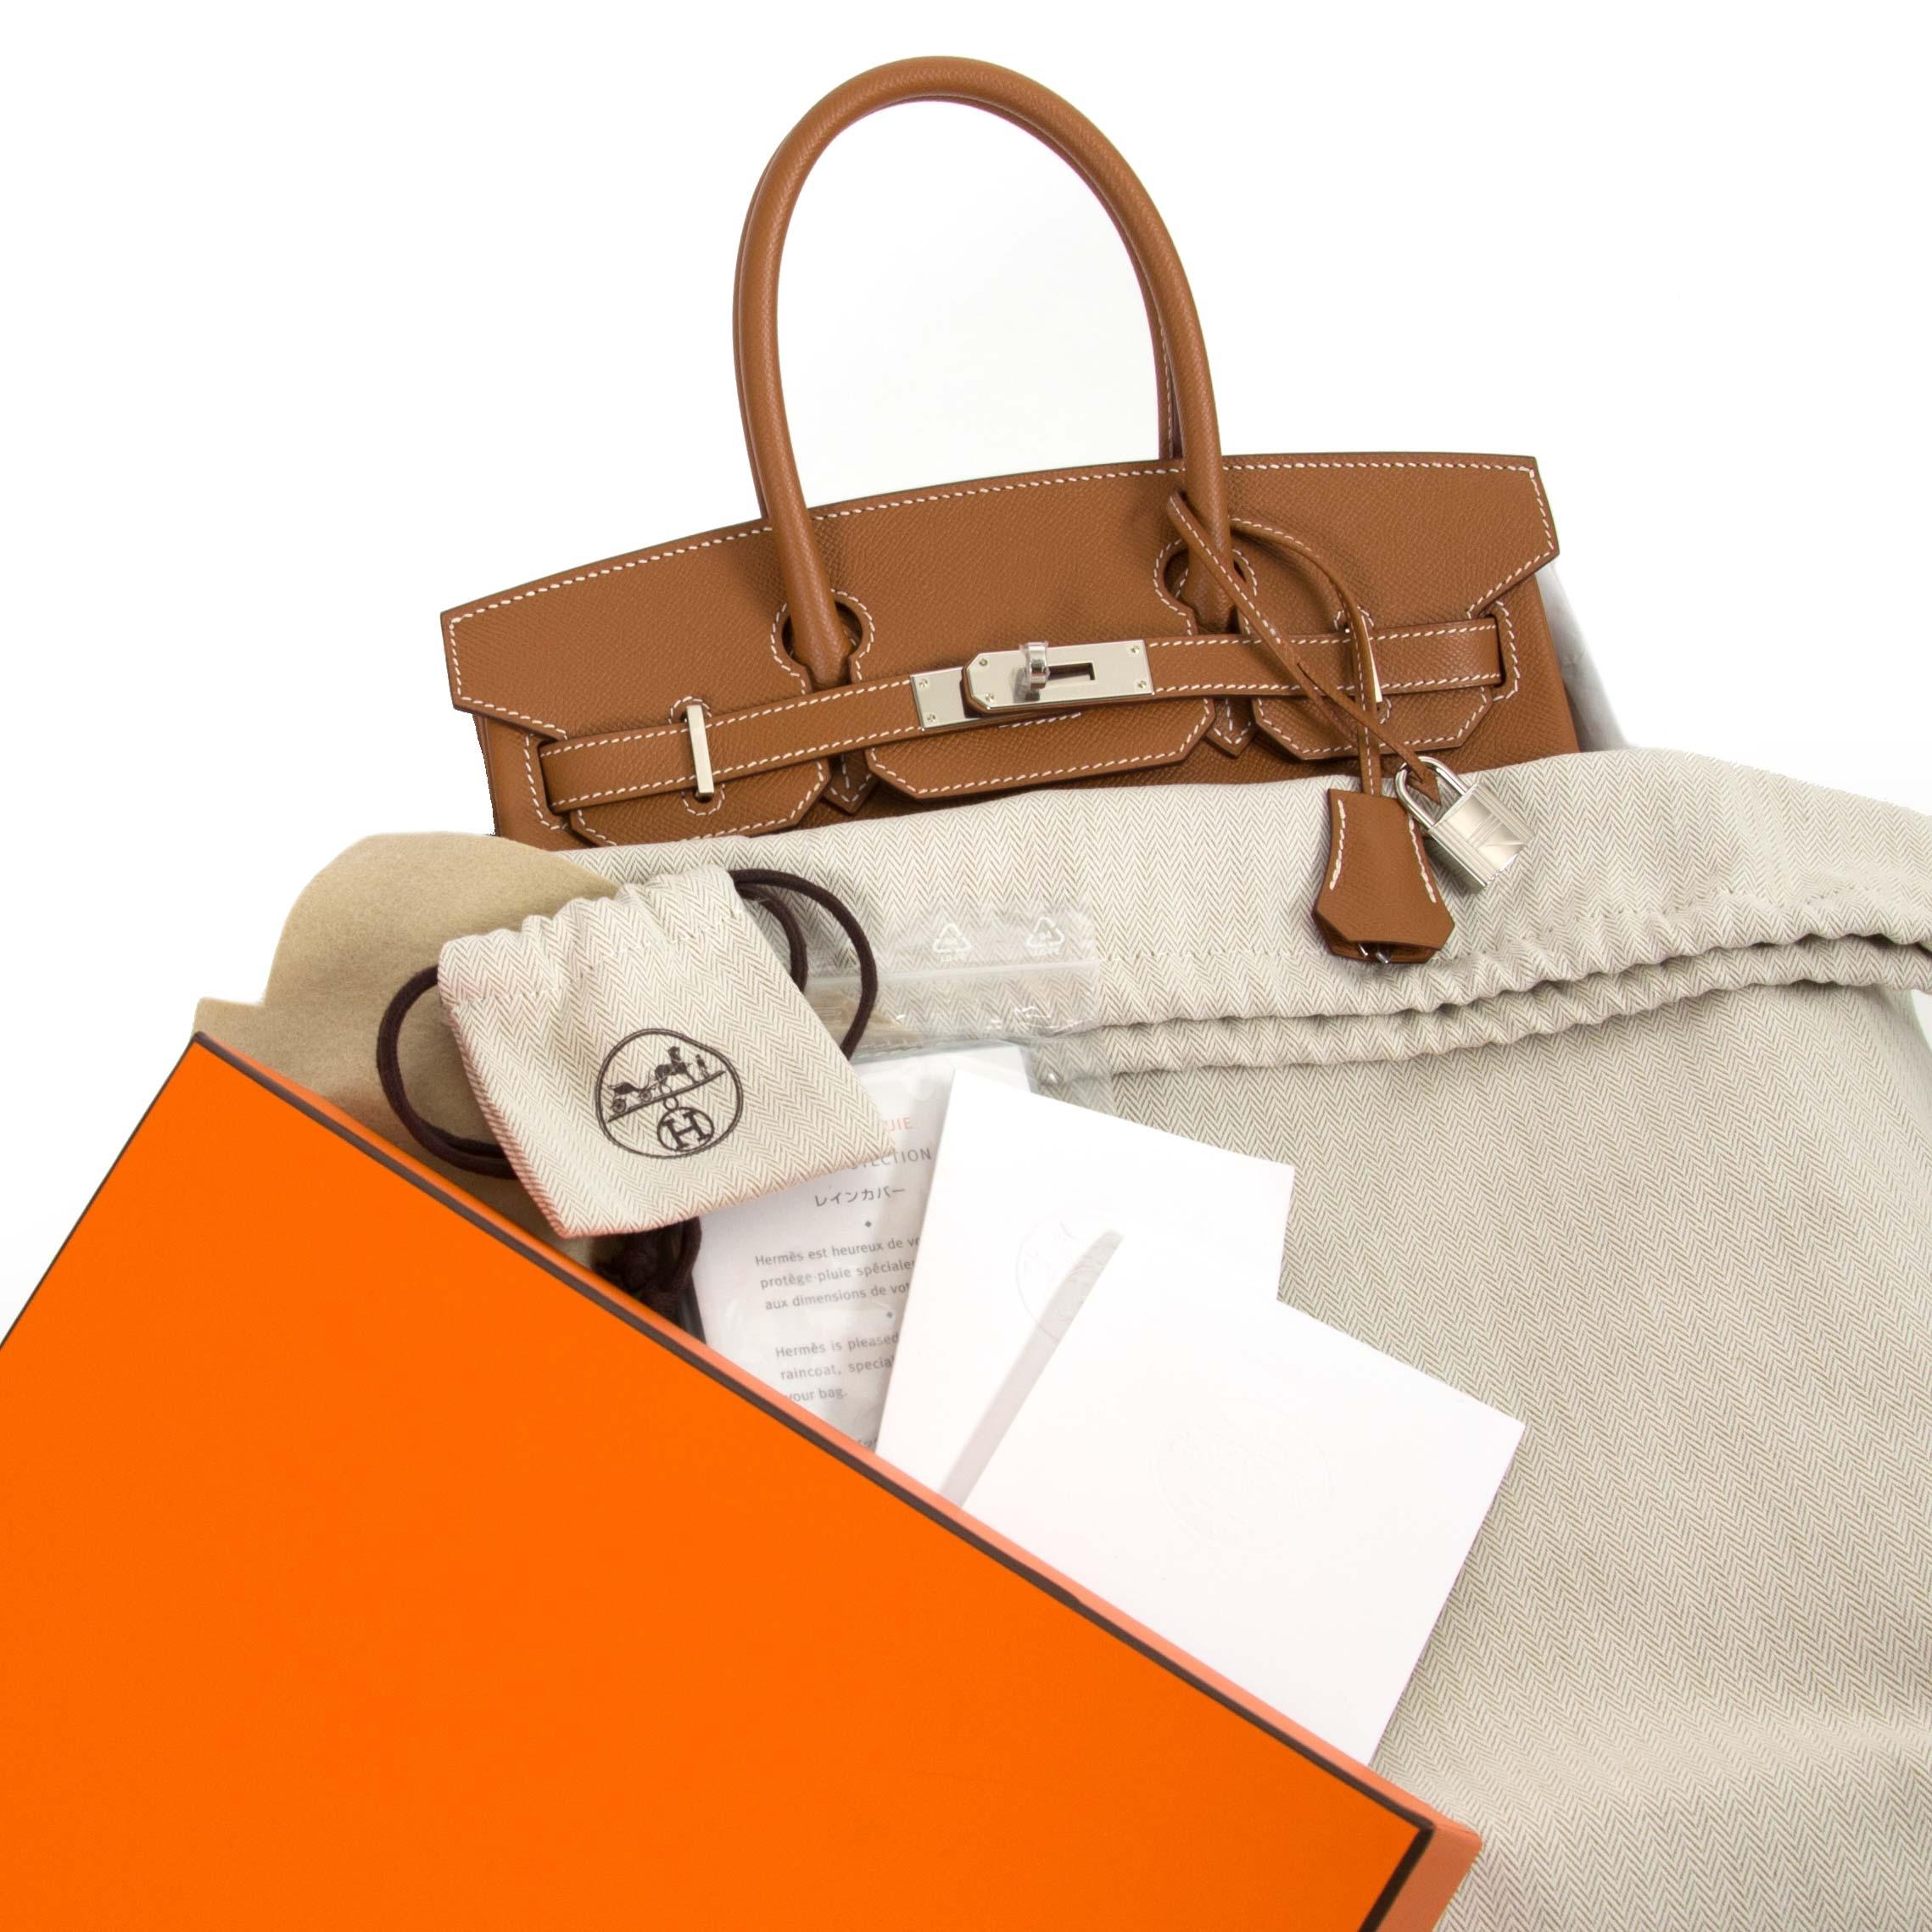 Achetez Hermès Birkin 30 Epsom Gold PHW  pour le meilleur prix chez Labellov